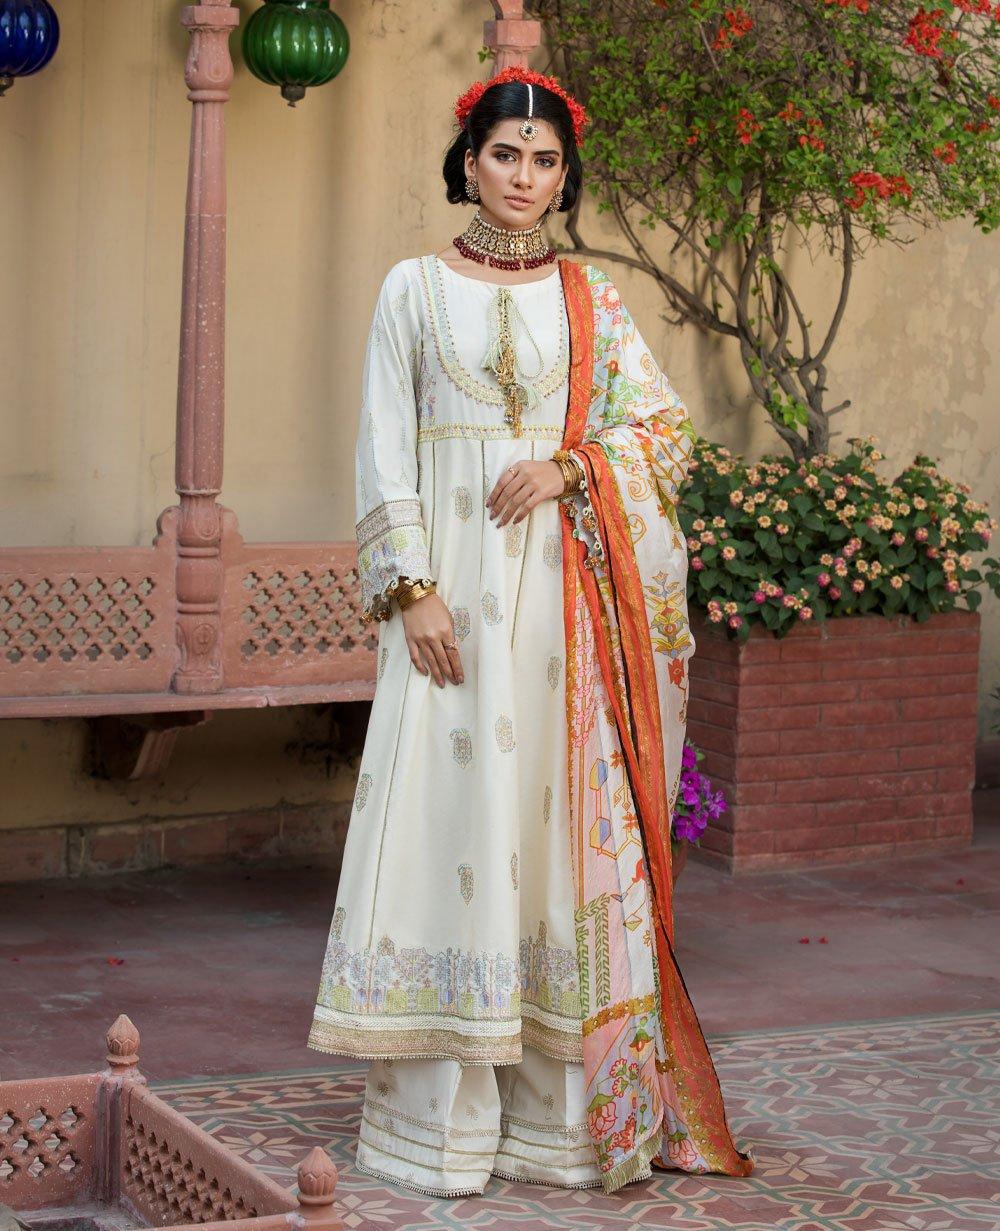 Ittehad Textile Woman 3 Pcs Embroidery Lawn Suit ELMAS Unstiched Fabric